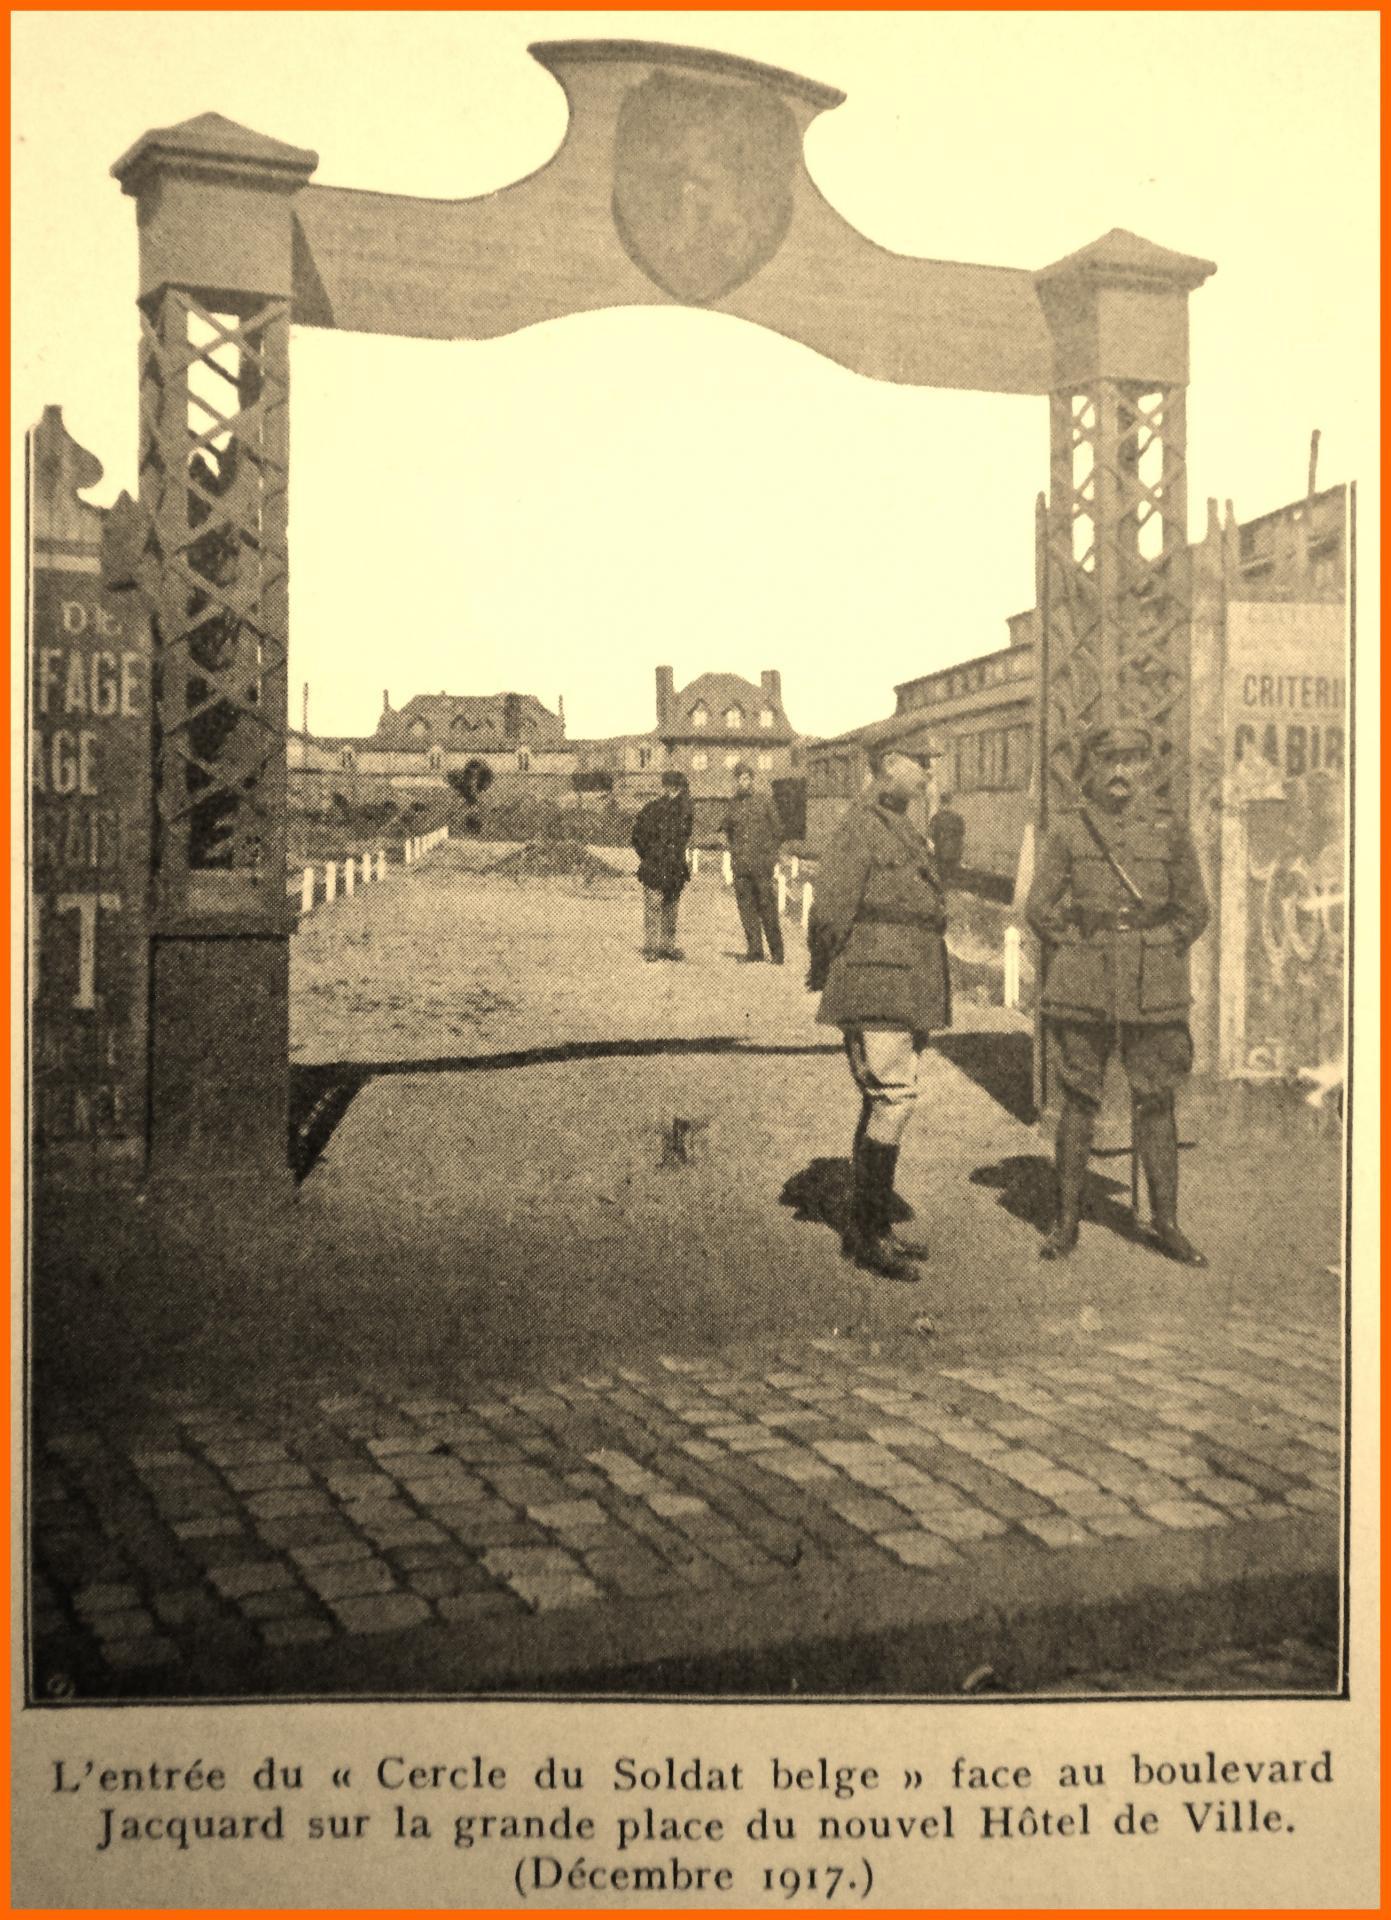 Calais 14 18 cercle du soldat belge bld jacquard sur la grand place de l hotel de ville dec 1917 encadre